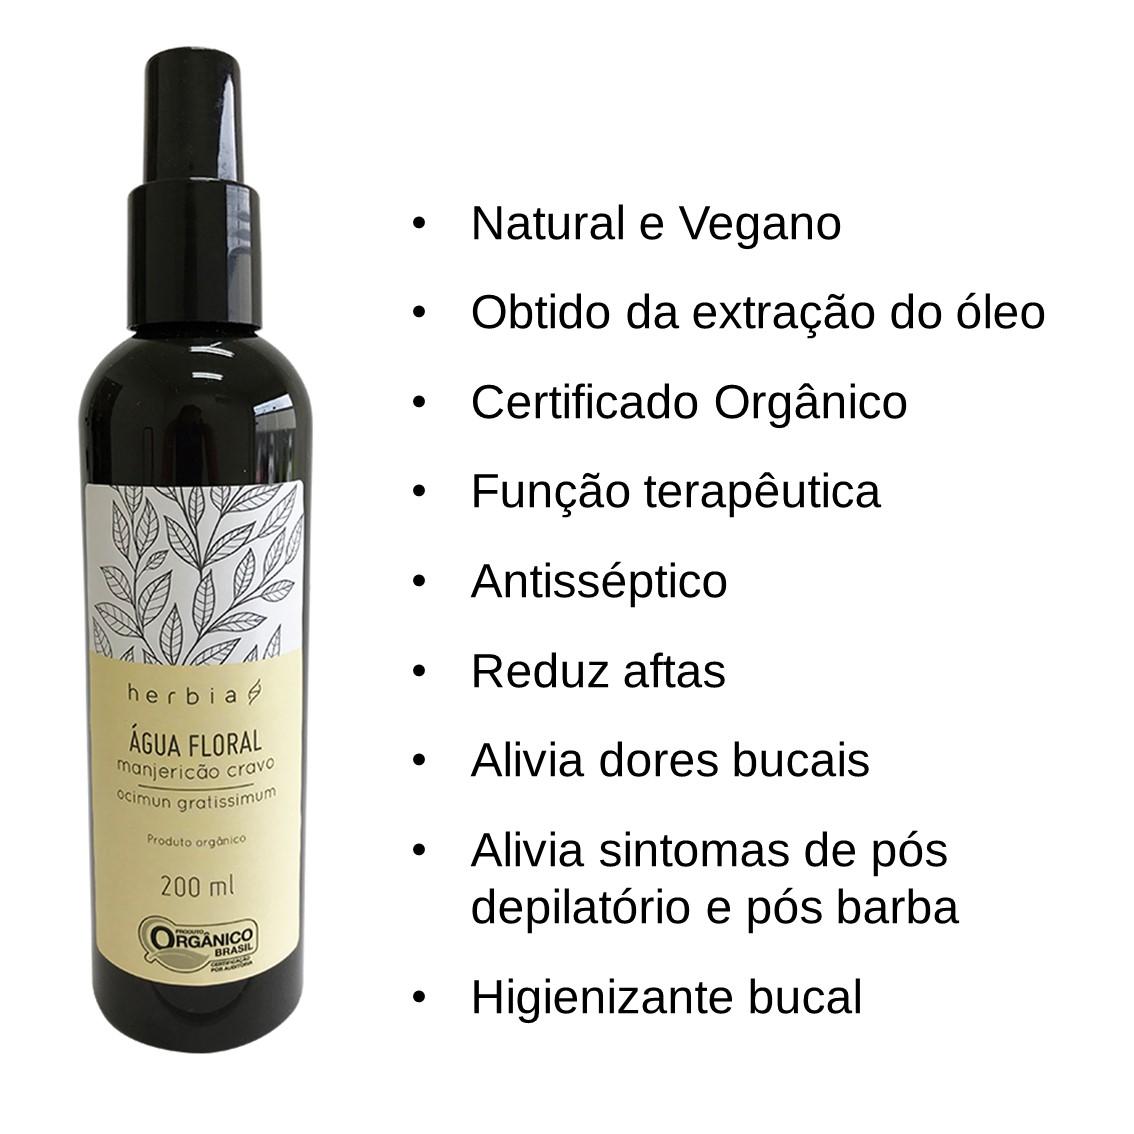 Água Floral Orgânica de Manjericão-cravo